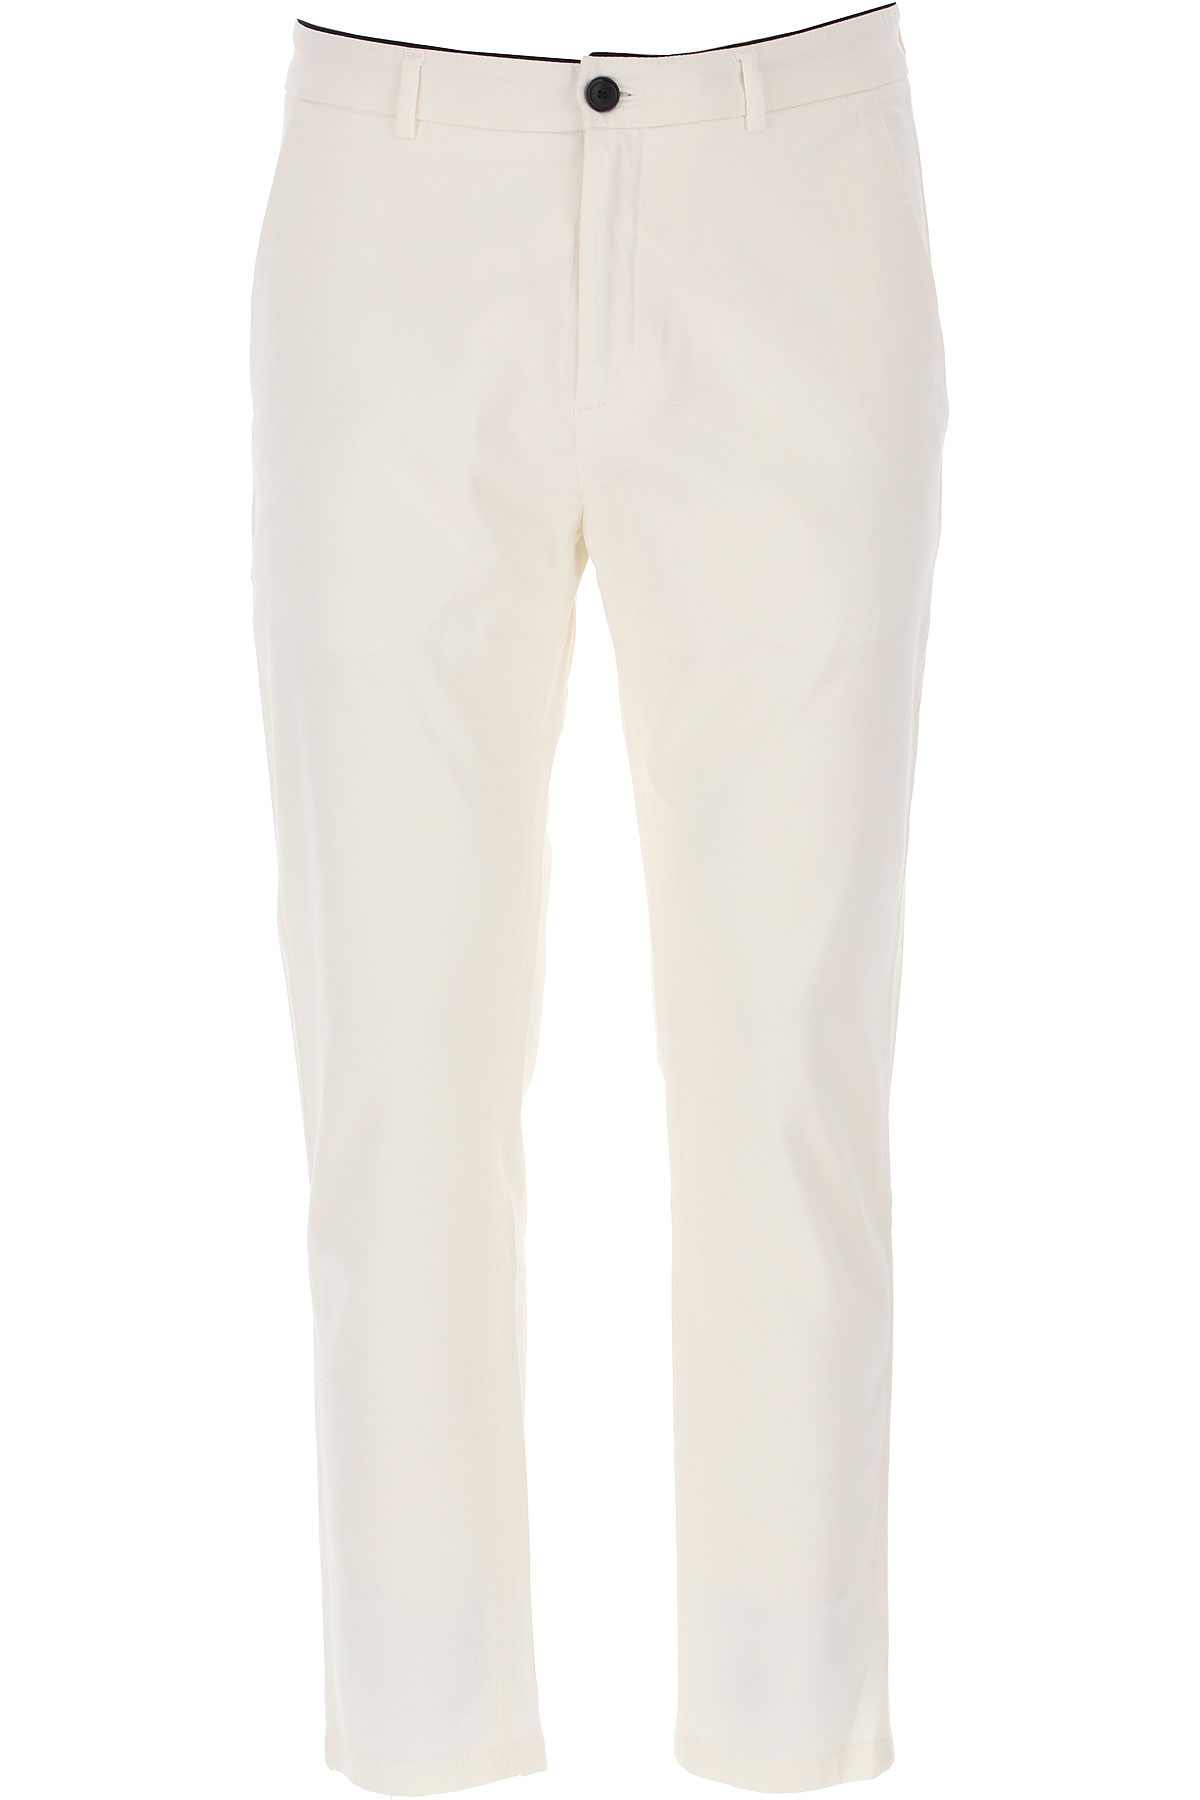 Department Five Pants for Men On Sale, Milk White, Cotton, 2019, 31 33 34 35 36